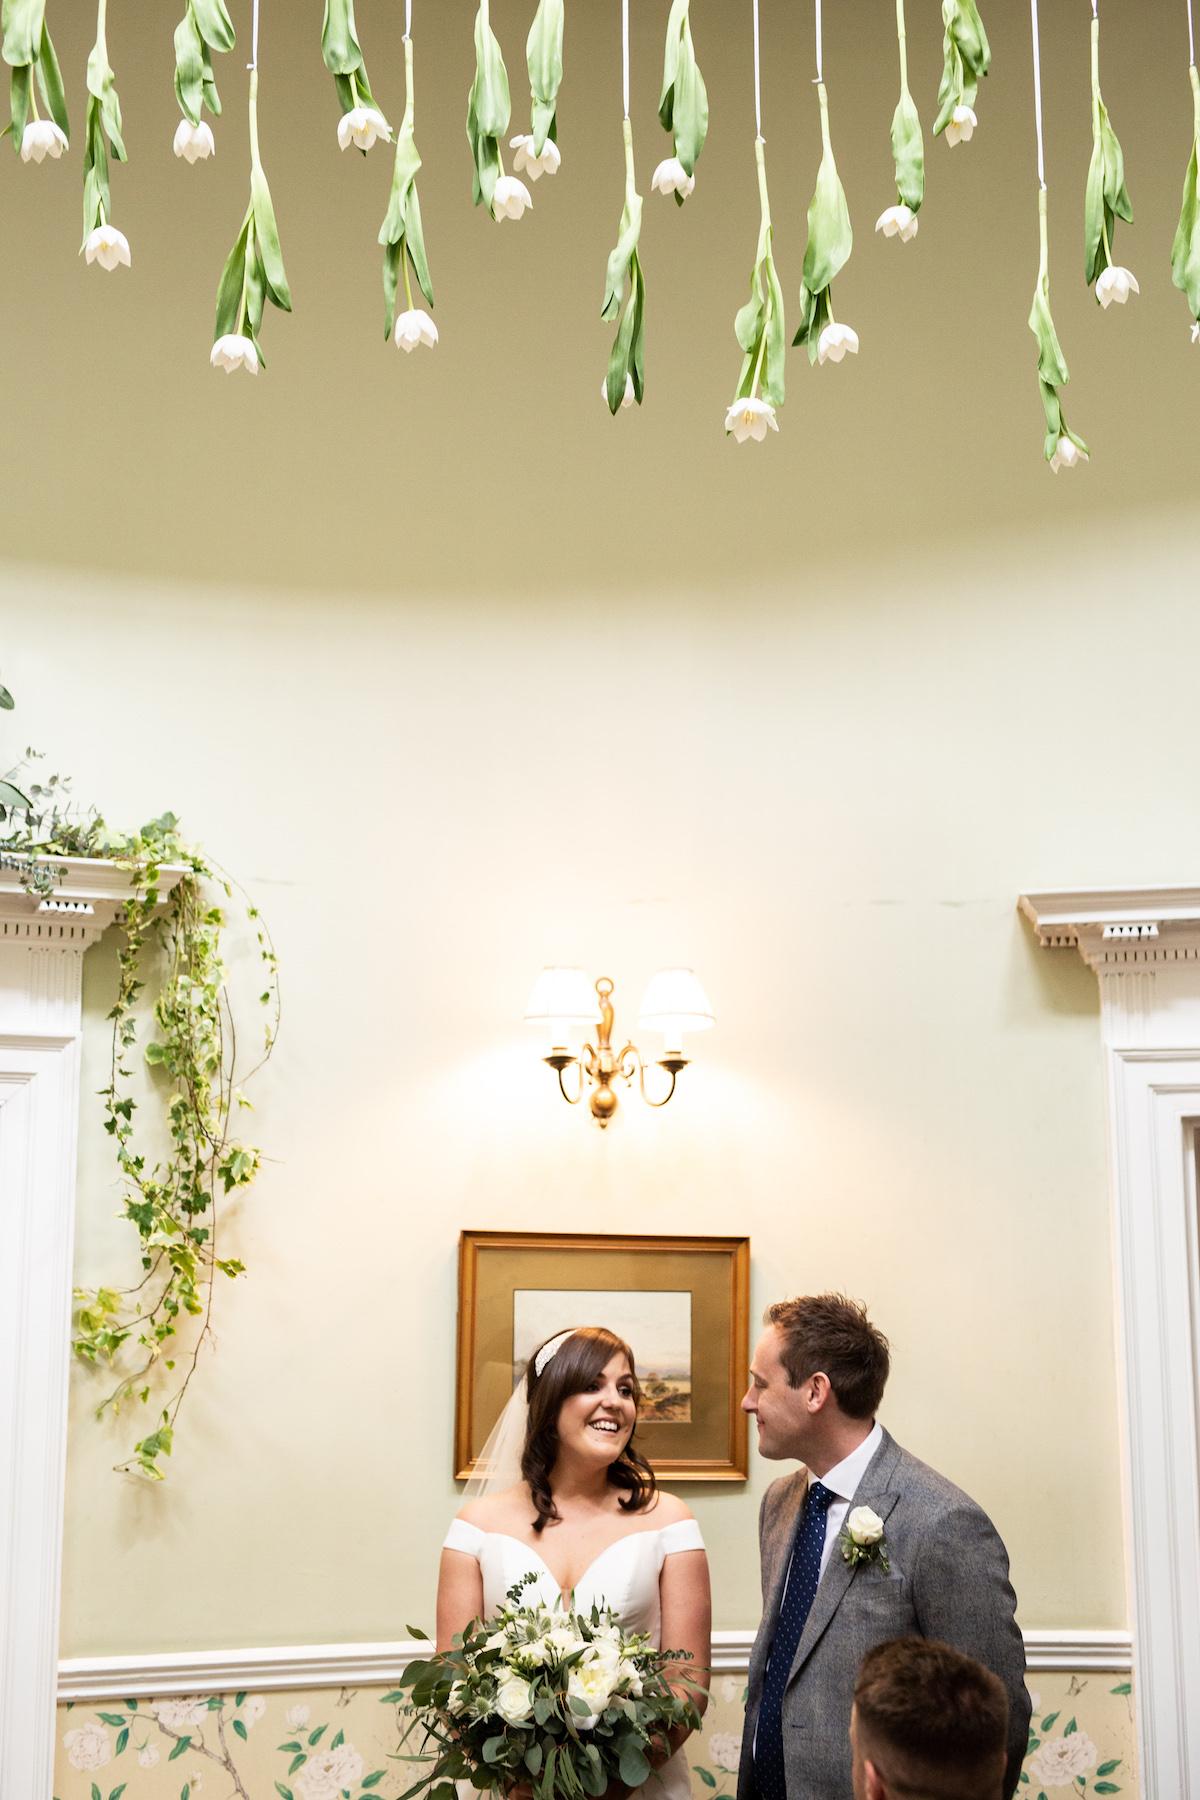 Middleton Lodge Wedding Photographer, Wedding flowers middleton lodge, wedding ceremony